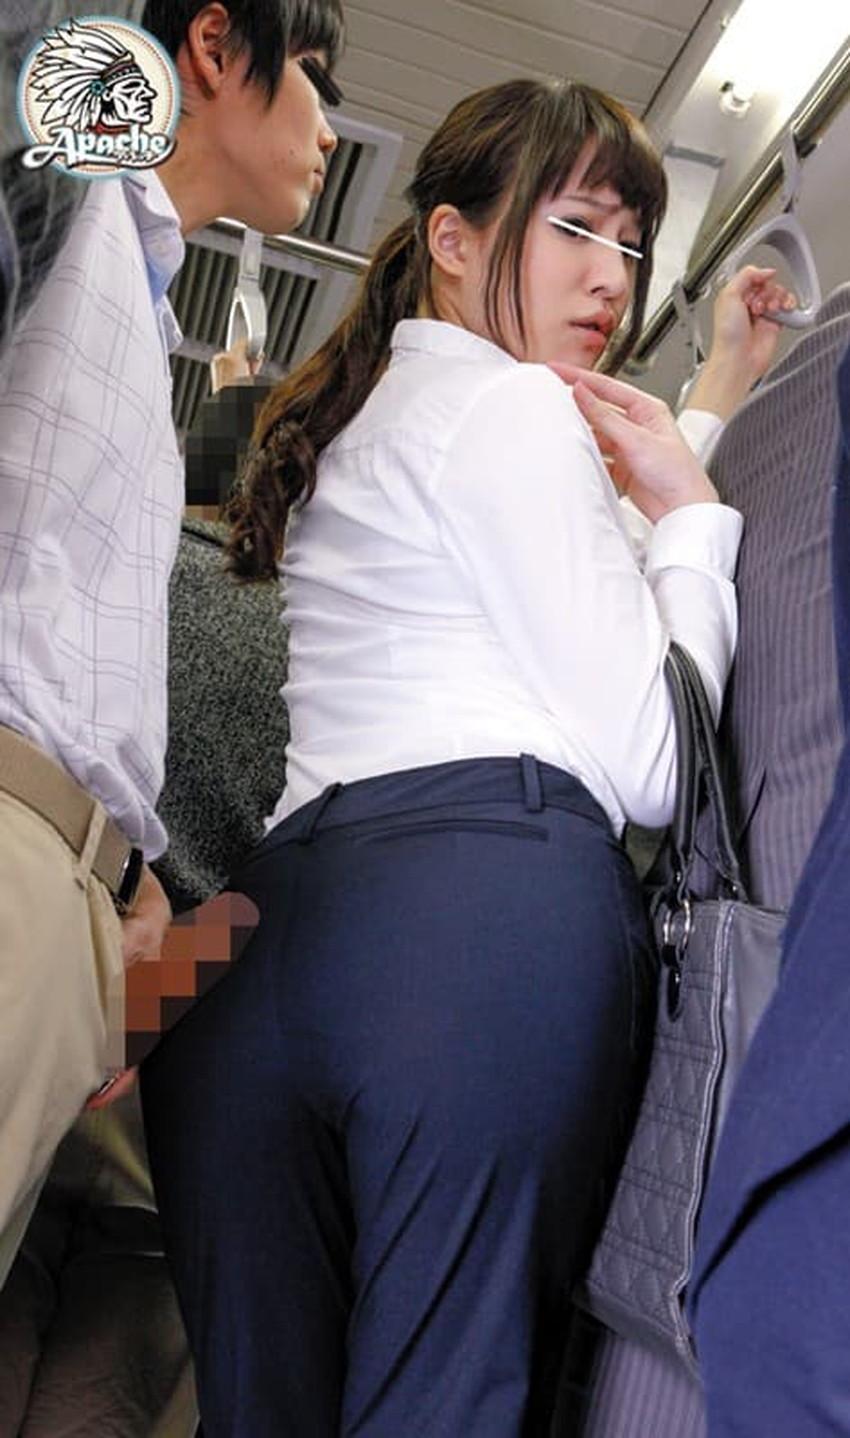 【パンツスーツコスプレエロ画像】仕事デキそうなパンツスーツOLはセックスも上手!パンツスーツ破られ着衣セックスしてるパンツスーツコスプレのエロ画像集w【80枚】 48